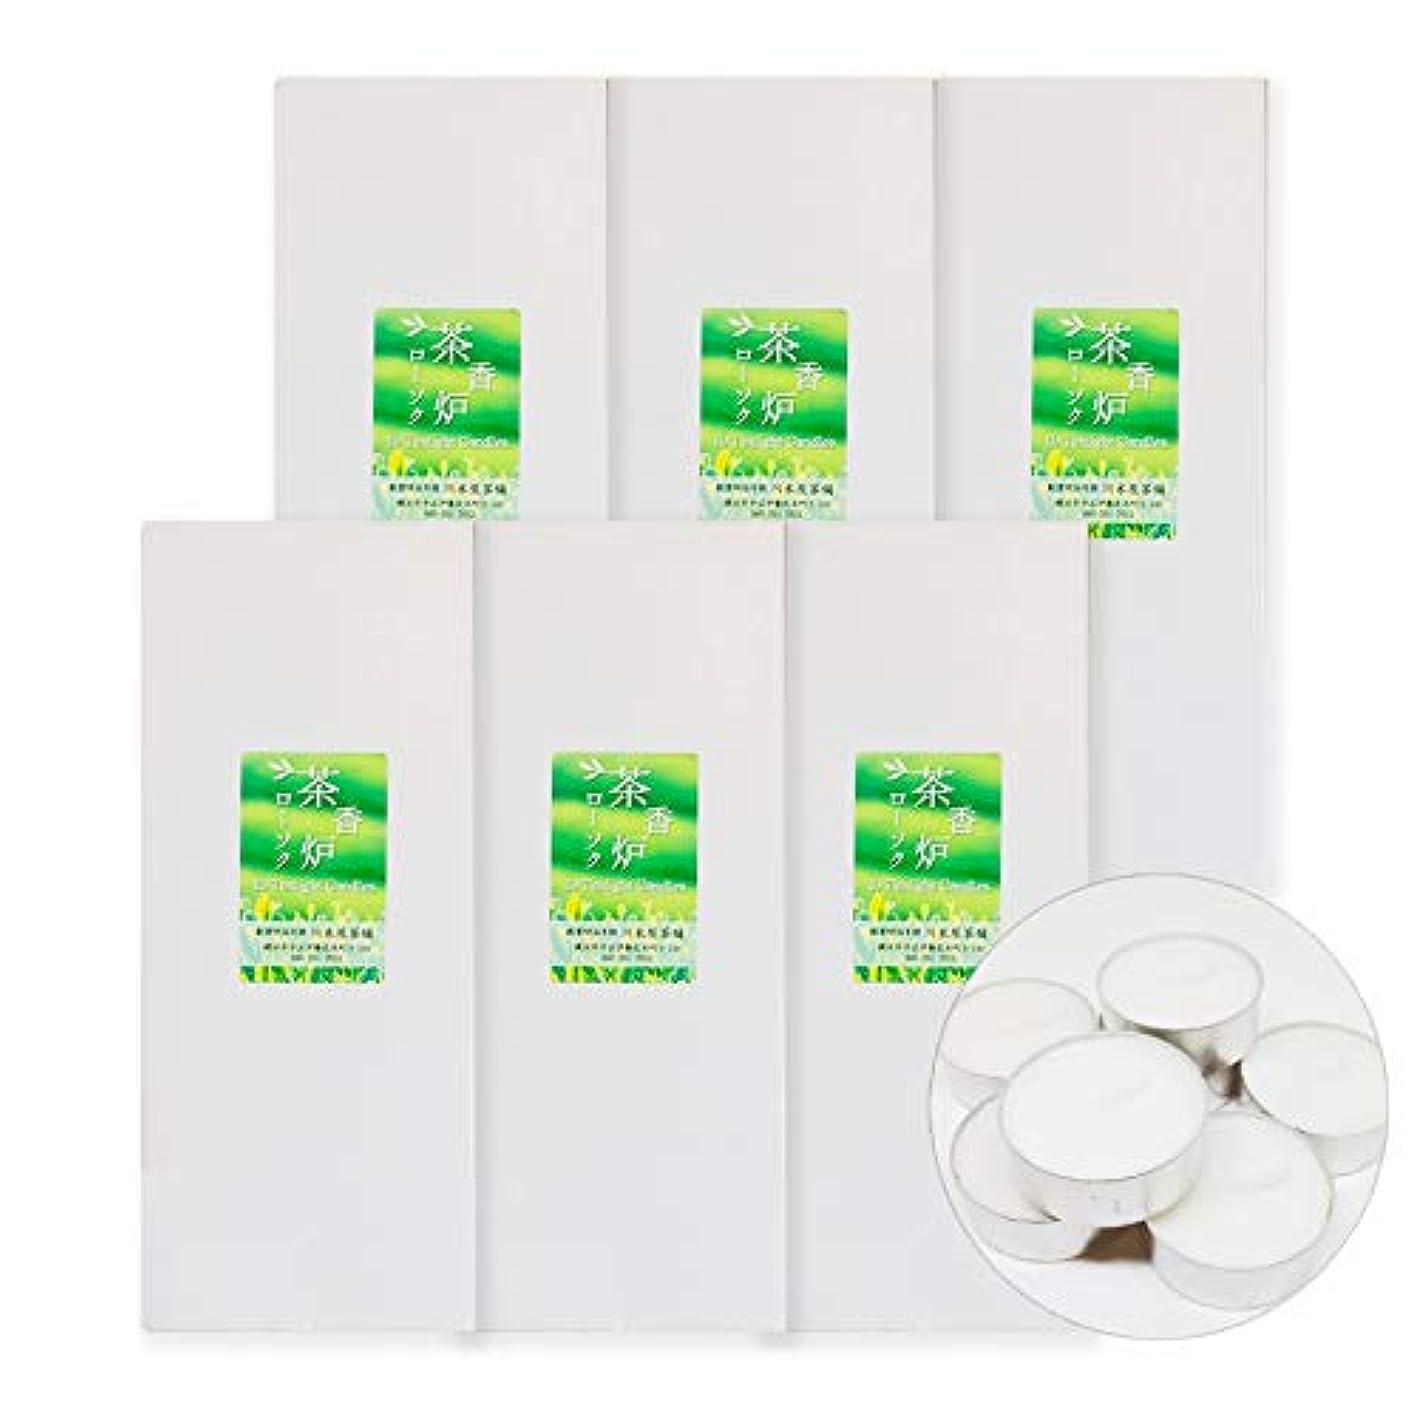 第五手数料強います茶香炉専用 ろうそく キャンドル 10個入り 川本屋茶舗 (6箱)